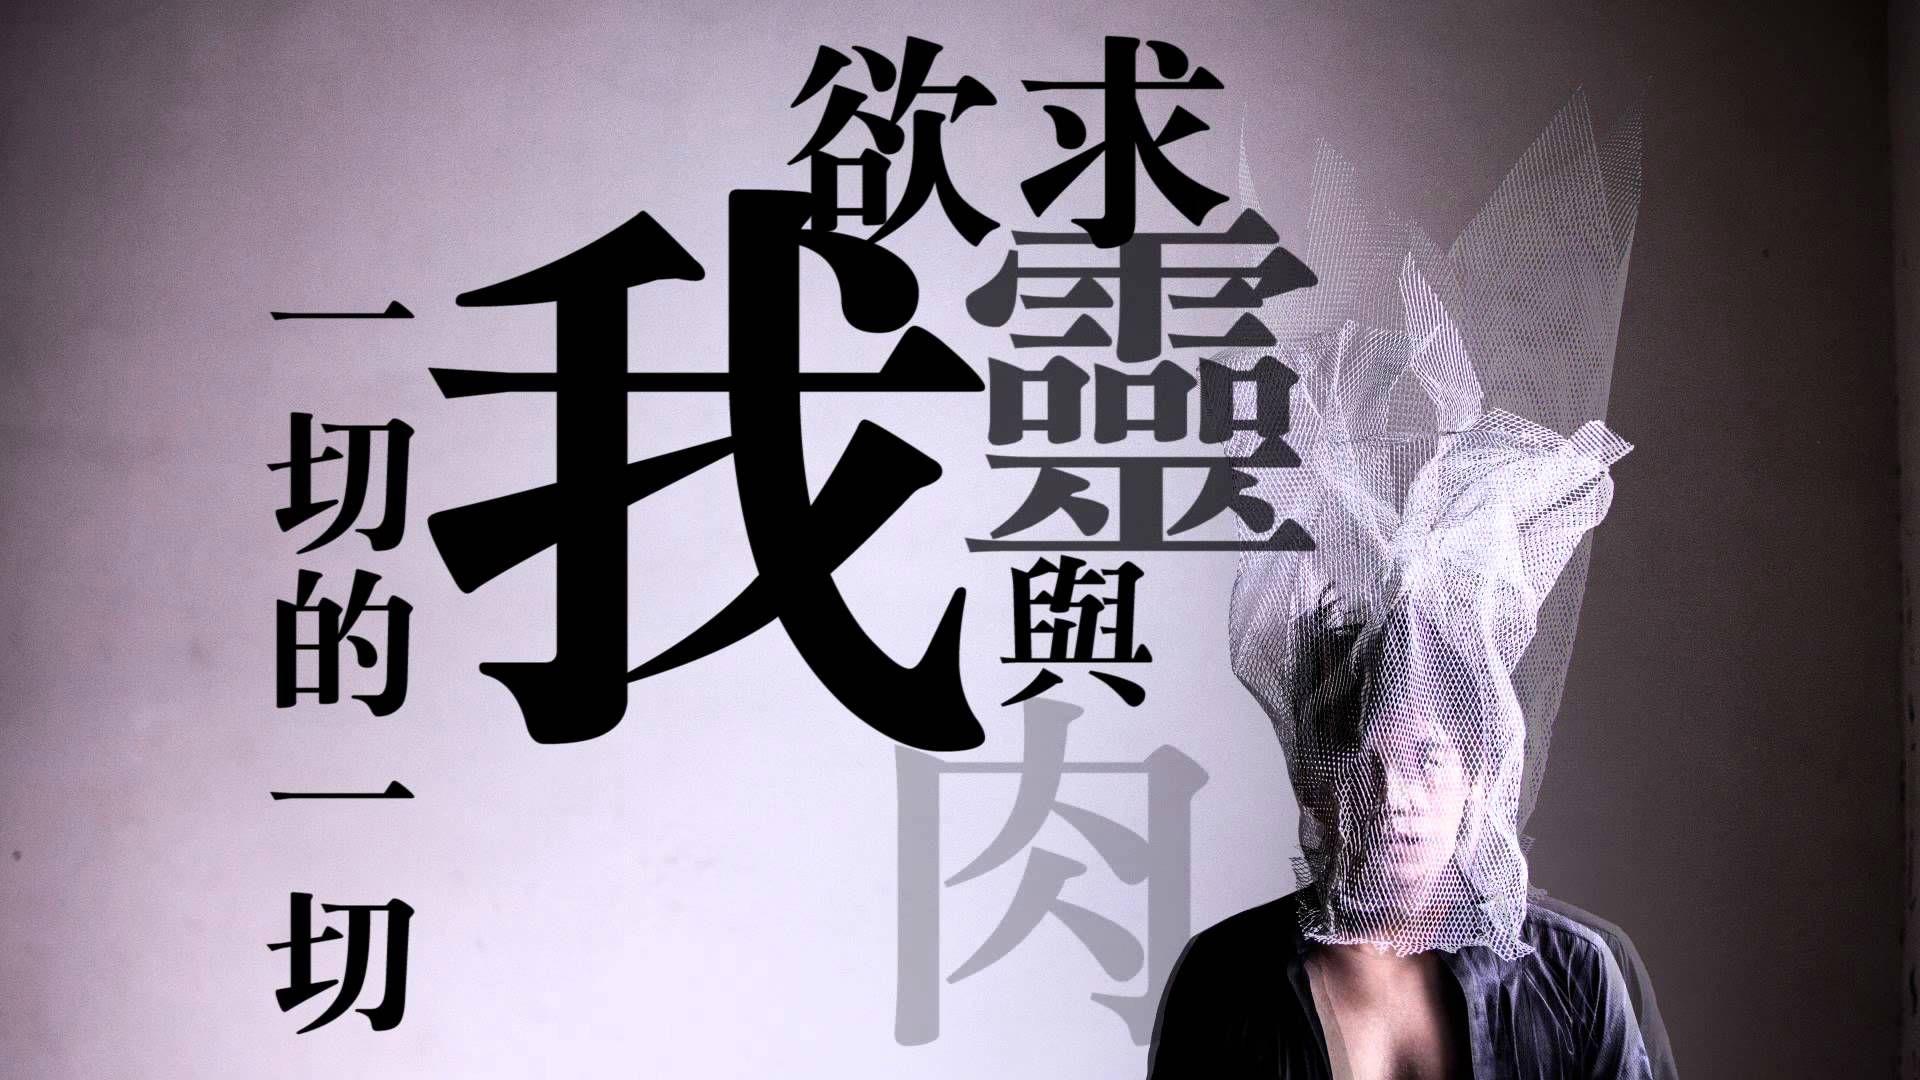 2015/1/16-18楊景翔演劇團 X陳仕瑛導演《費德拉之愛》,正在考慮要不要去,片子拍得很棒。